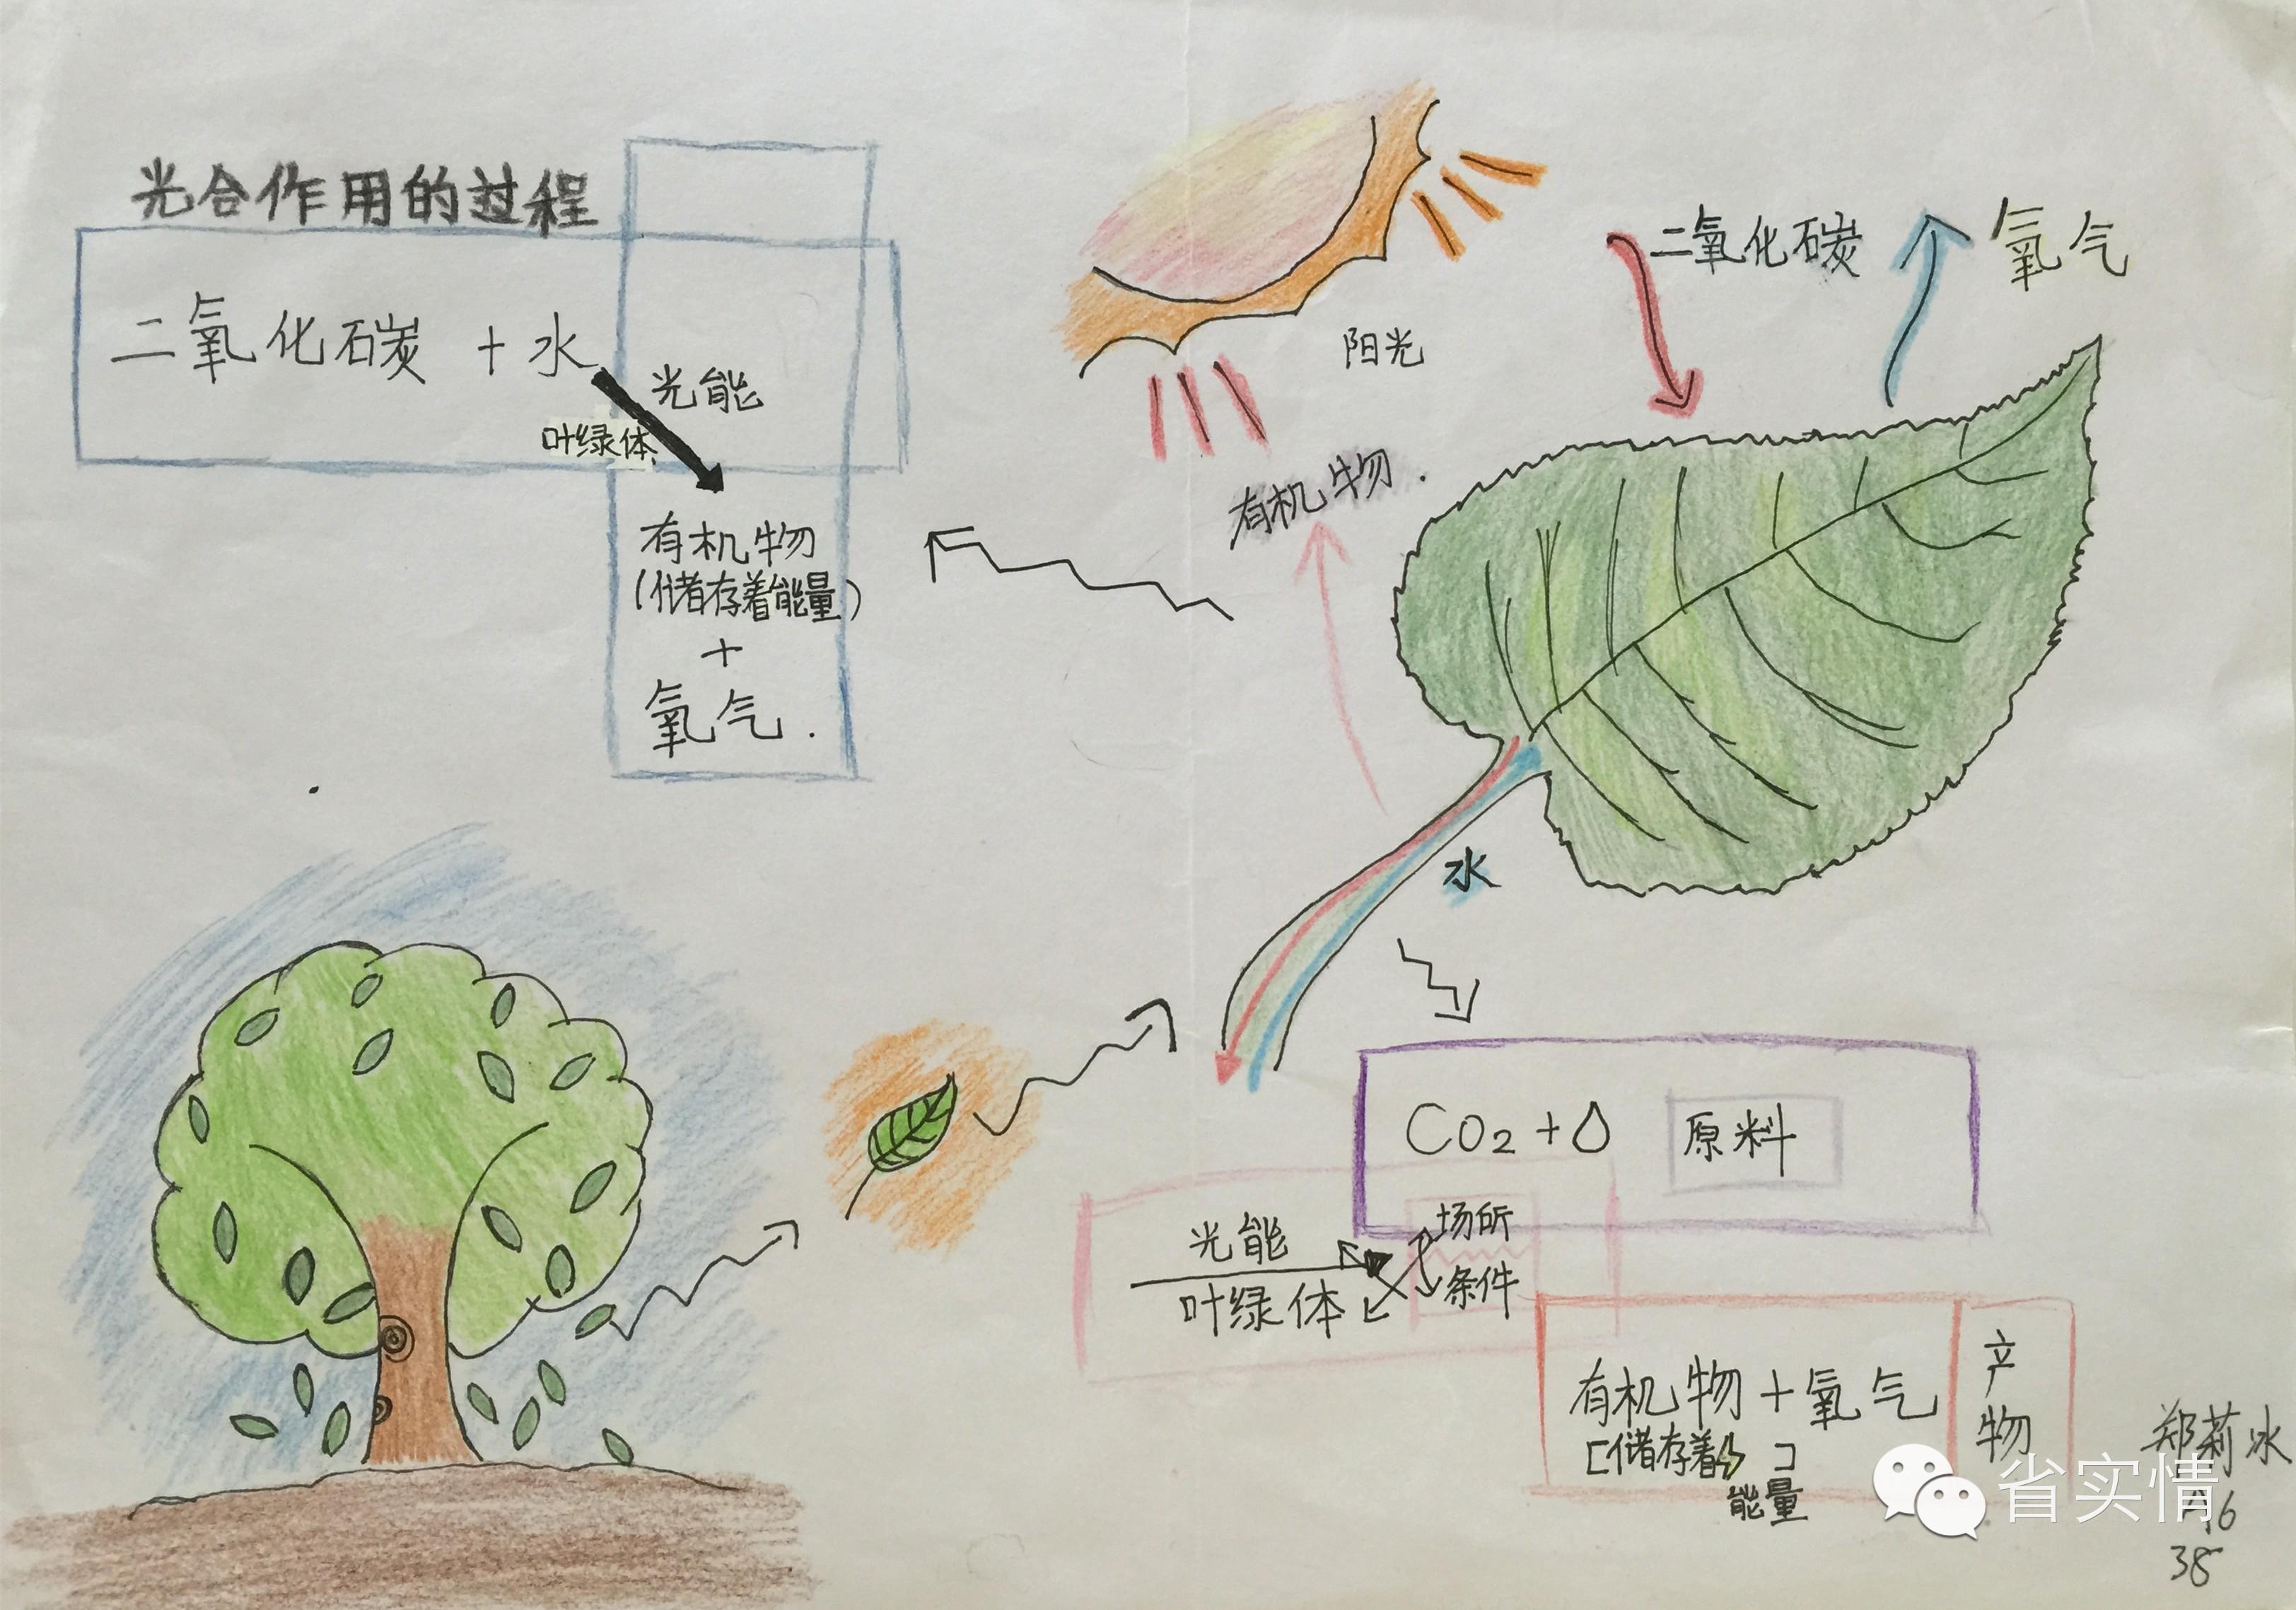 初一生物学思维导图作业展示 光合作用 开花与结果